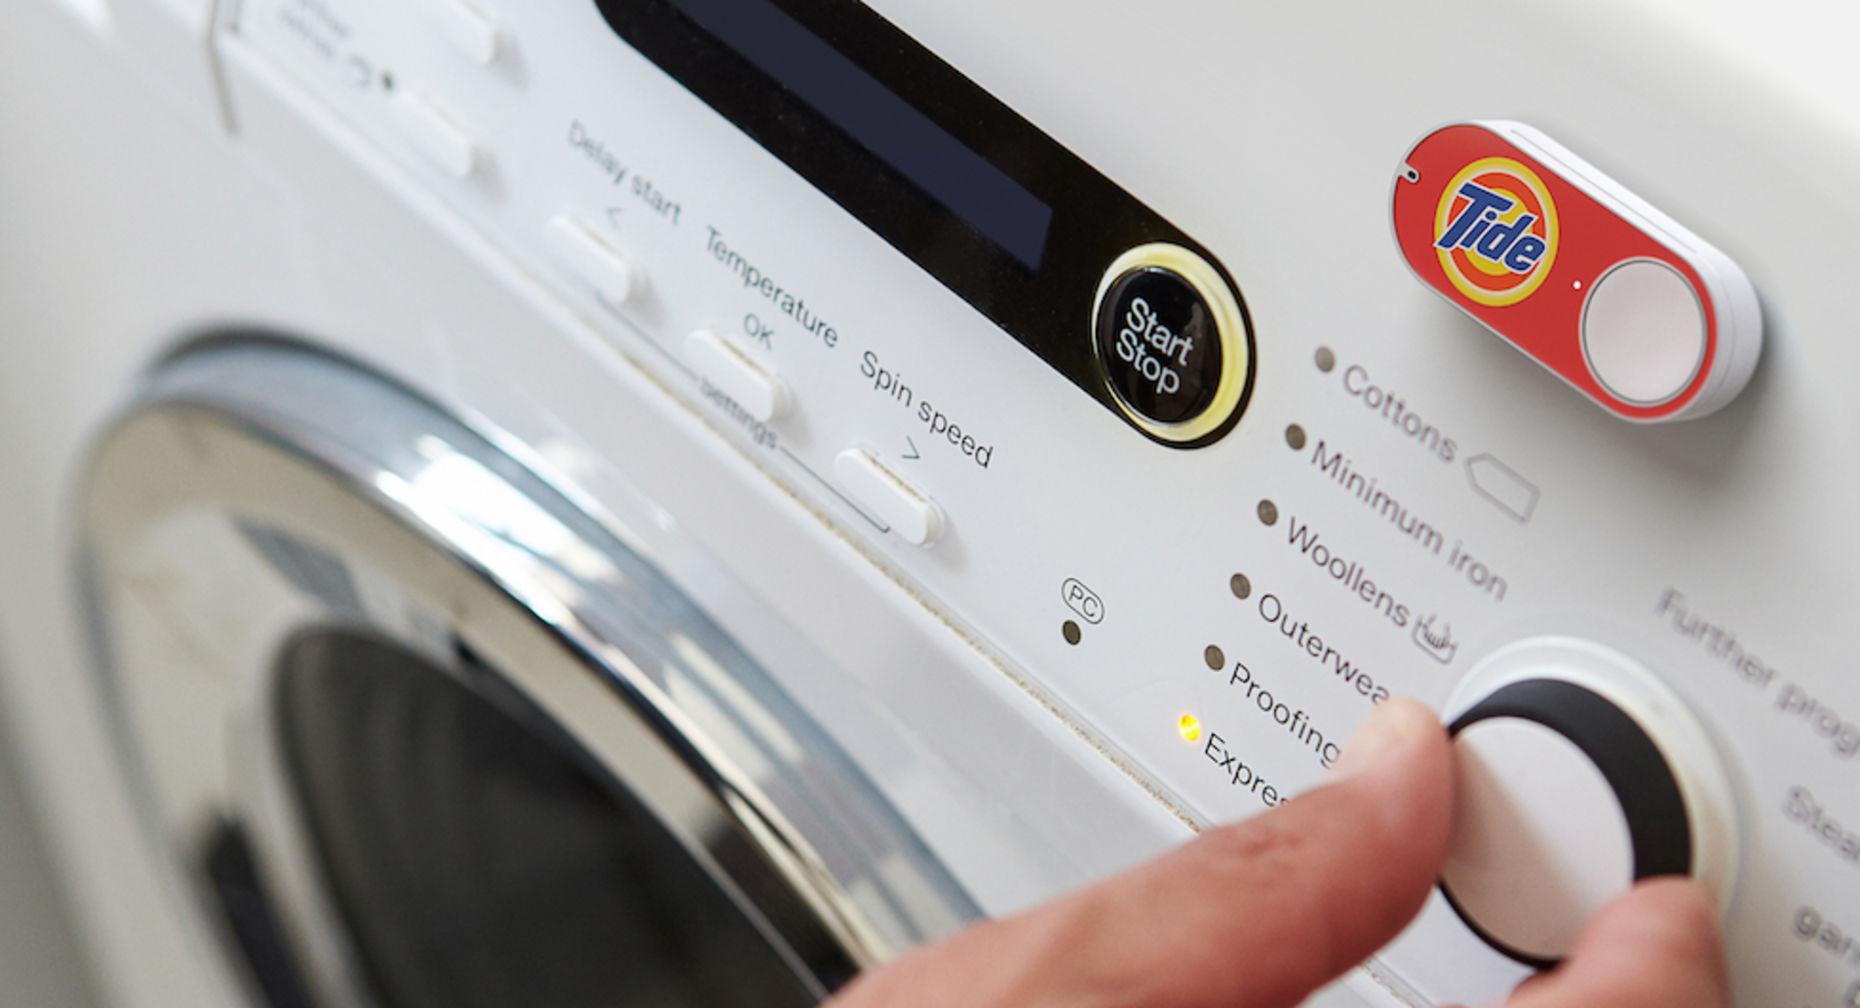 Amazon's Dash button. Photo courtesy Amazon.